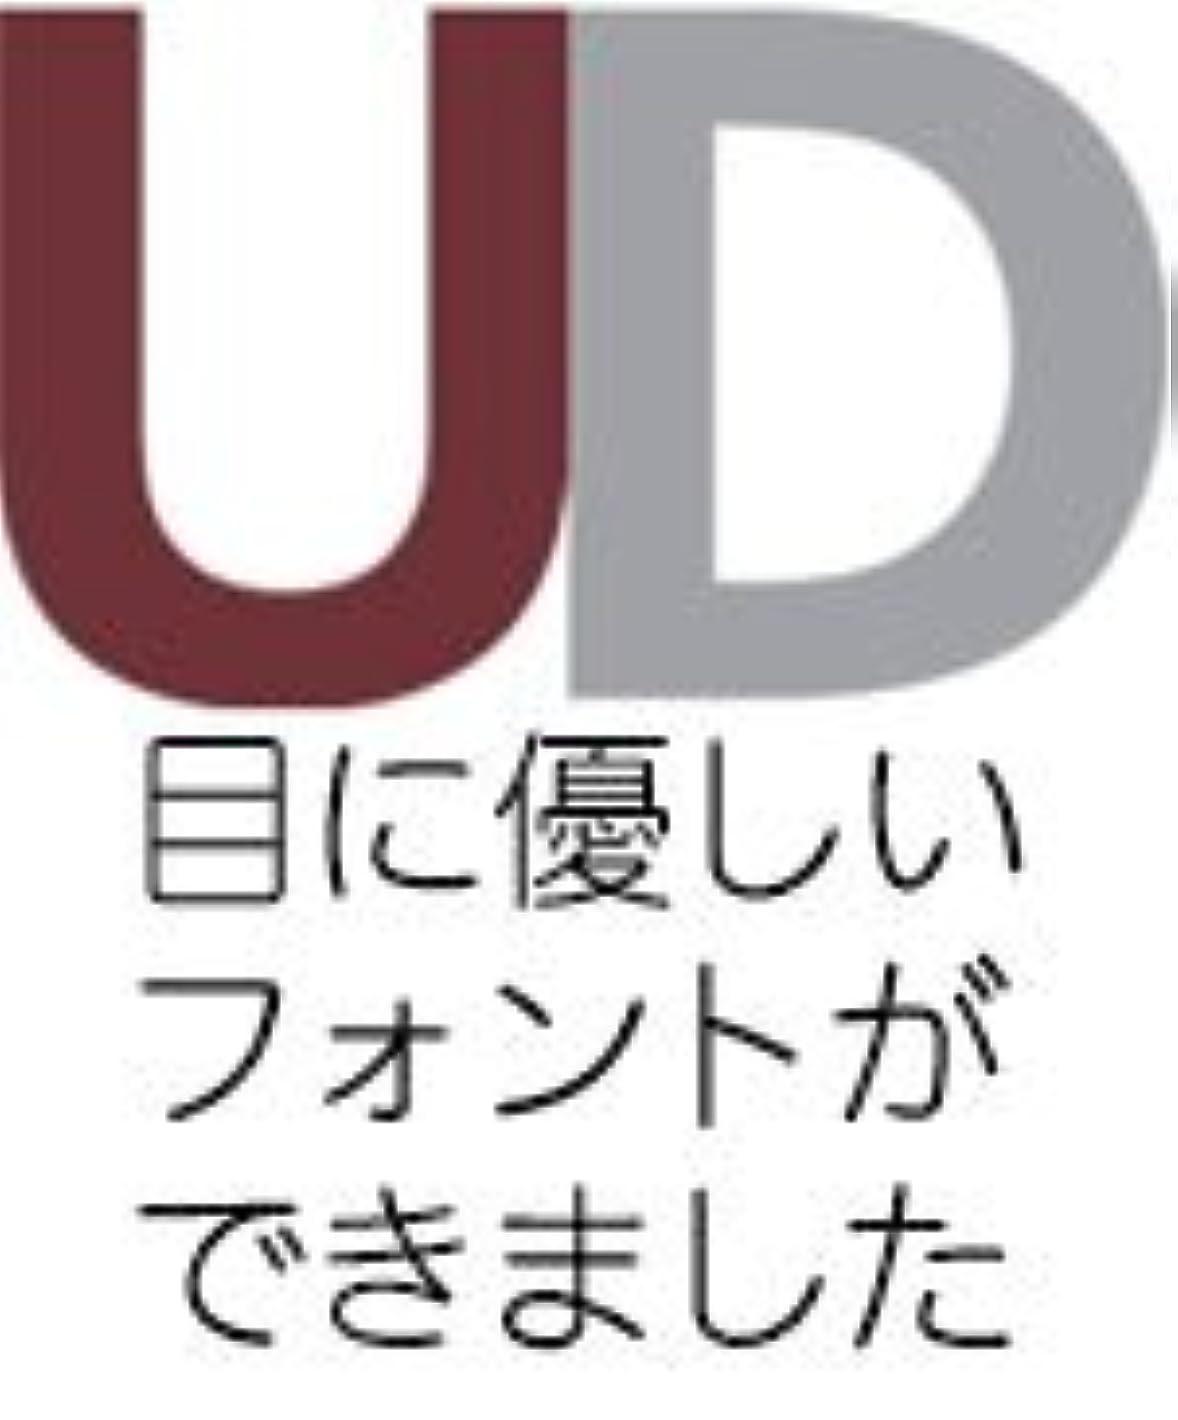 釈義ピアノを弾くお肉イワタ書体ライブラリーOpenType イワタUD丸ゴシックL 表示用/本文用